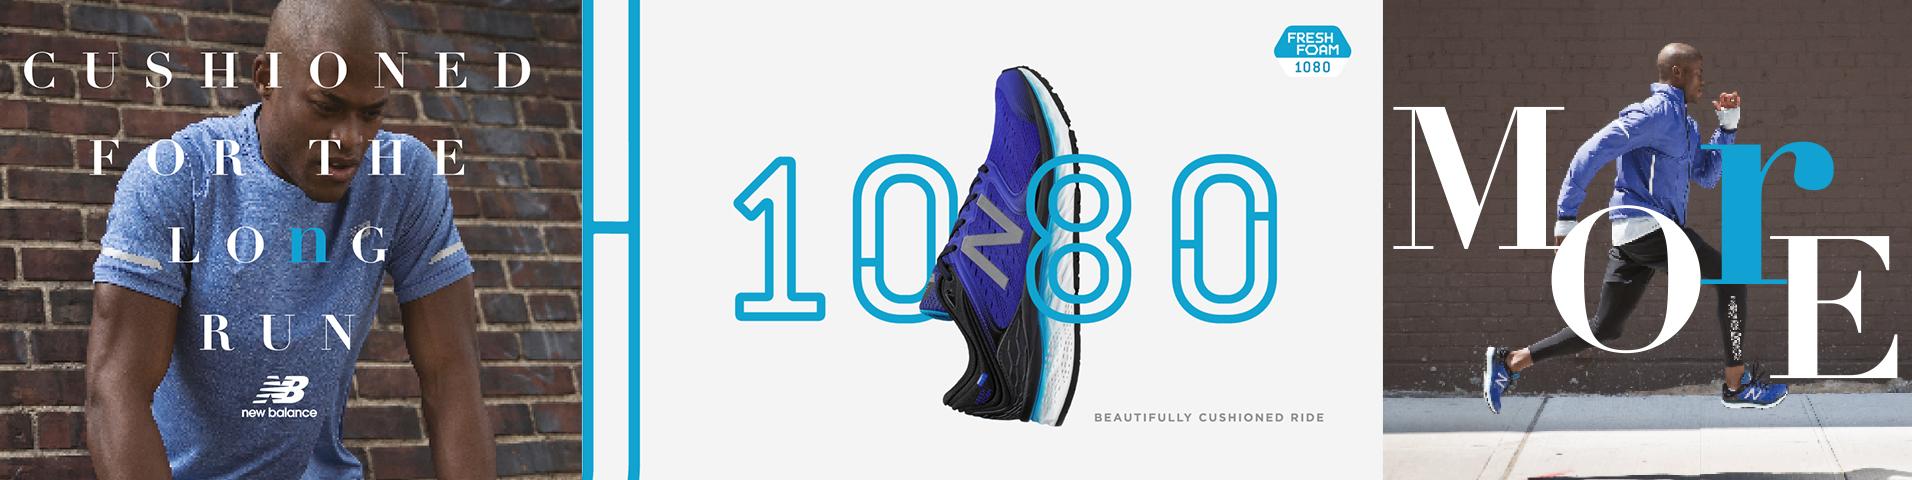 new balance sportkleding heren